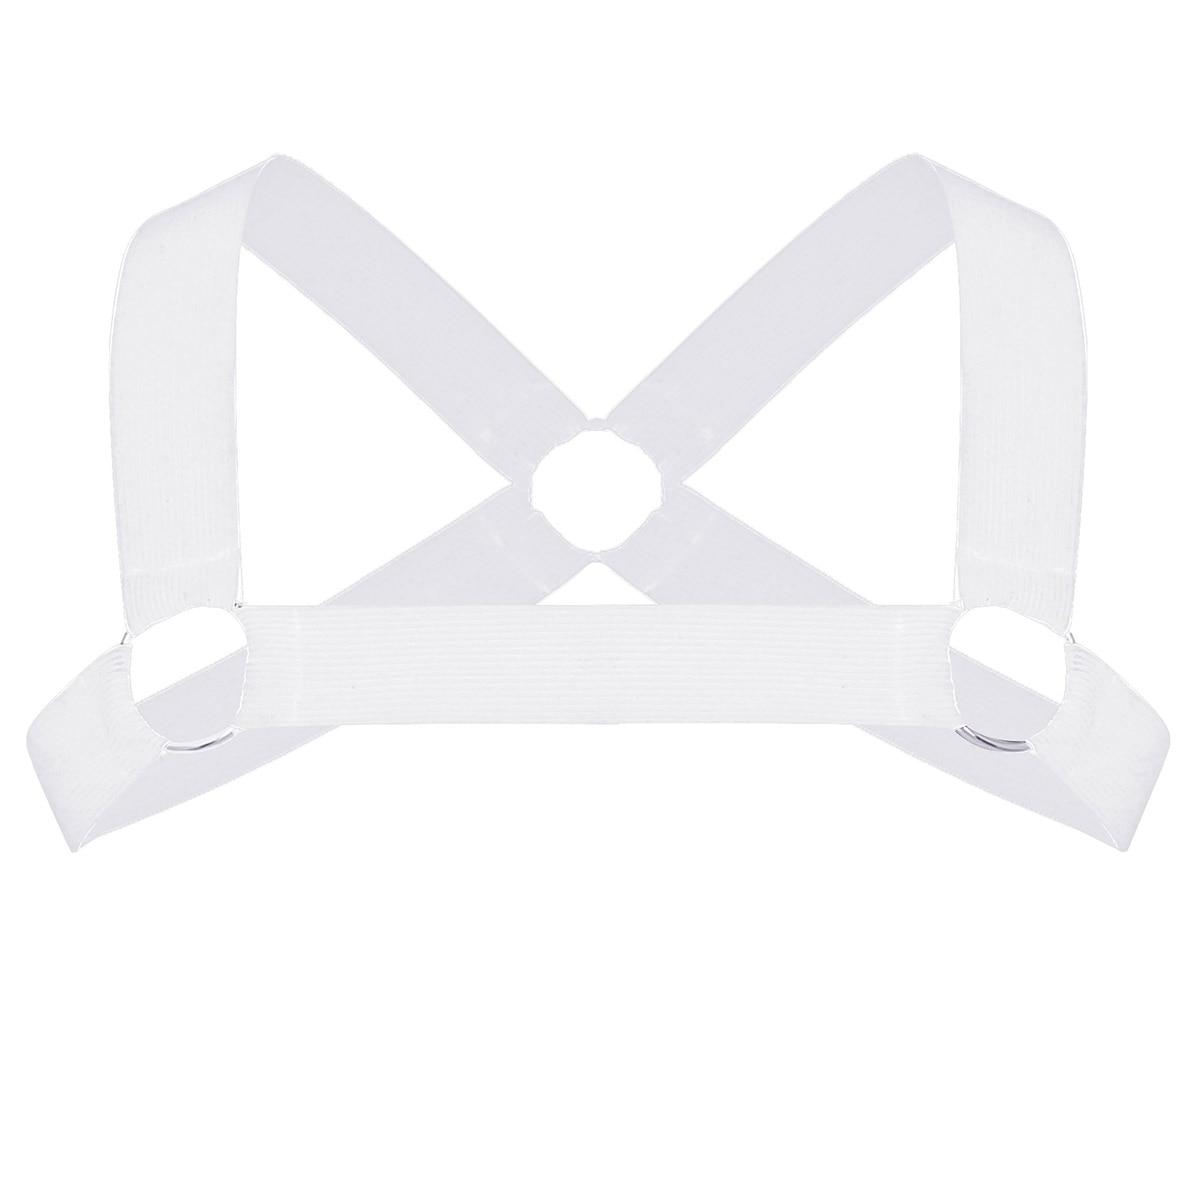 Мужские x-образные ремни на спине, мужские эластичные ремни на плечо, грудь, пояс с о-образными кольцами, Необычные Клубные вечерние костюмы, ремень - Цвет: White